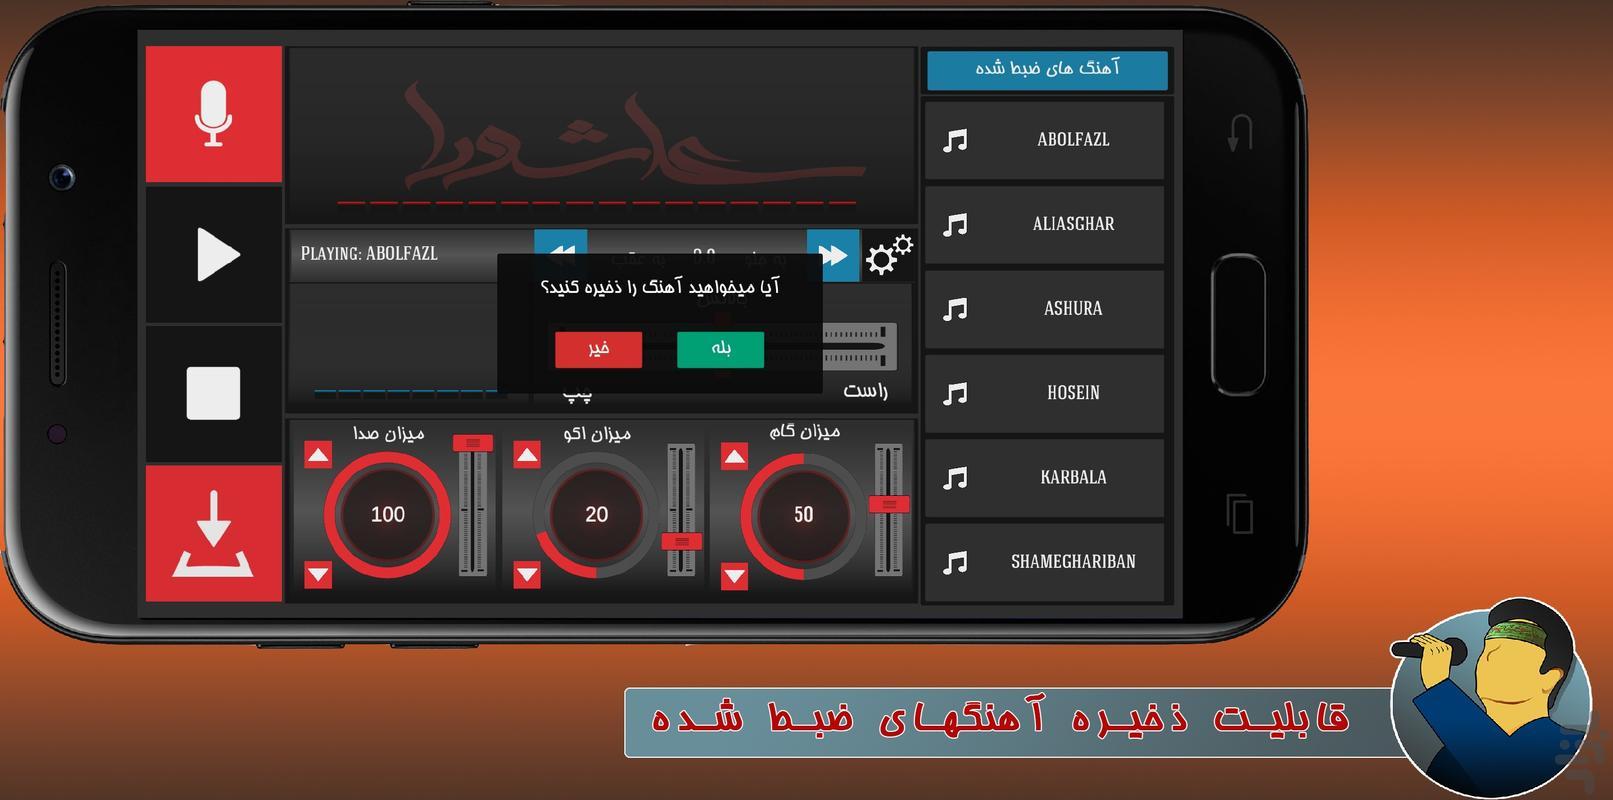 مداح (برنامه مداحی محرم،نوحه،روضه) - عکس برنامه موبایلی اندروید